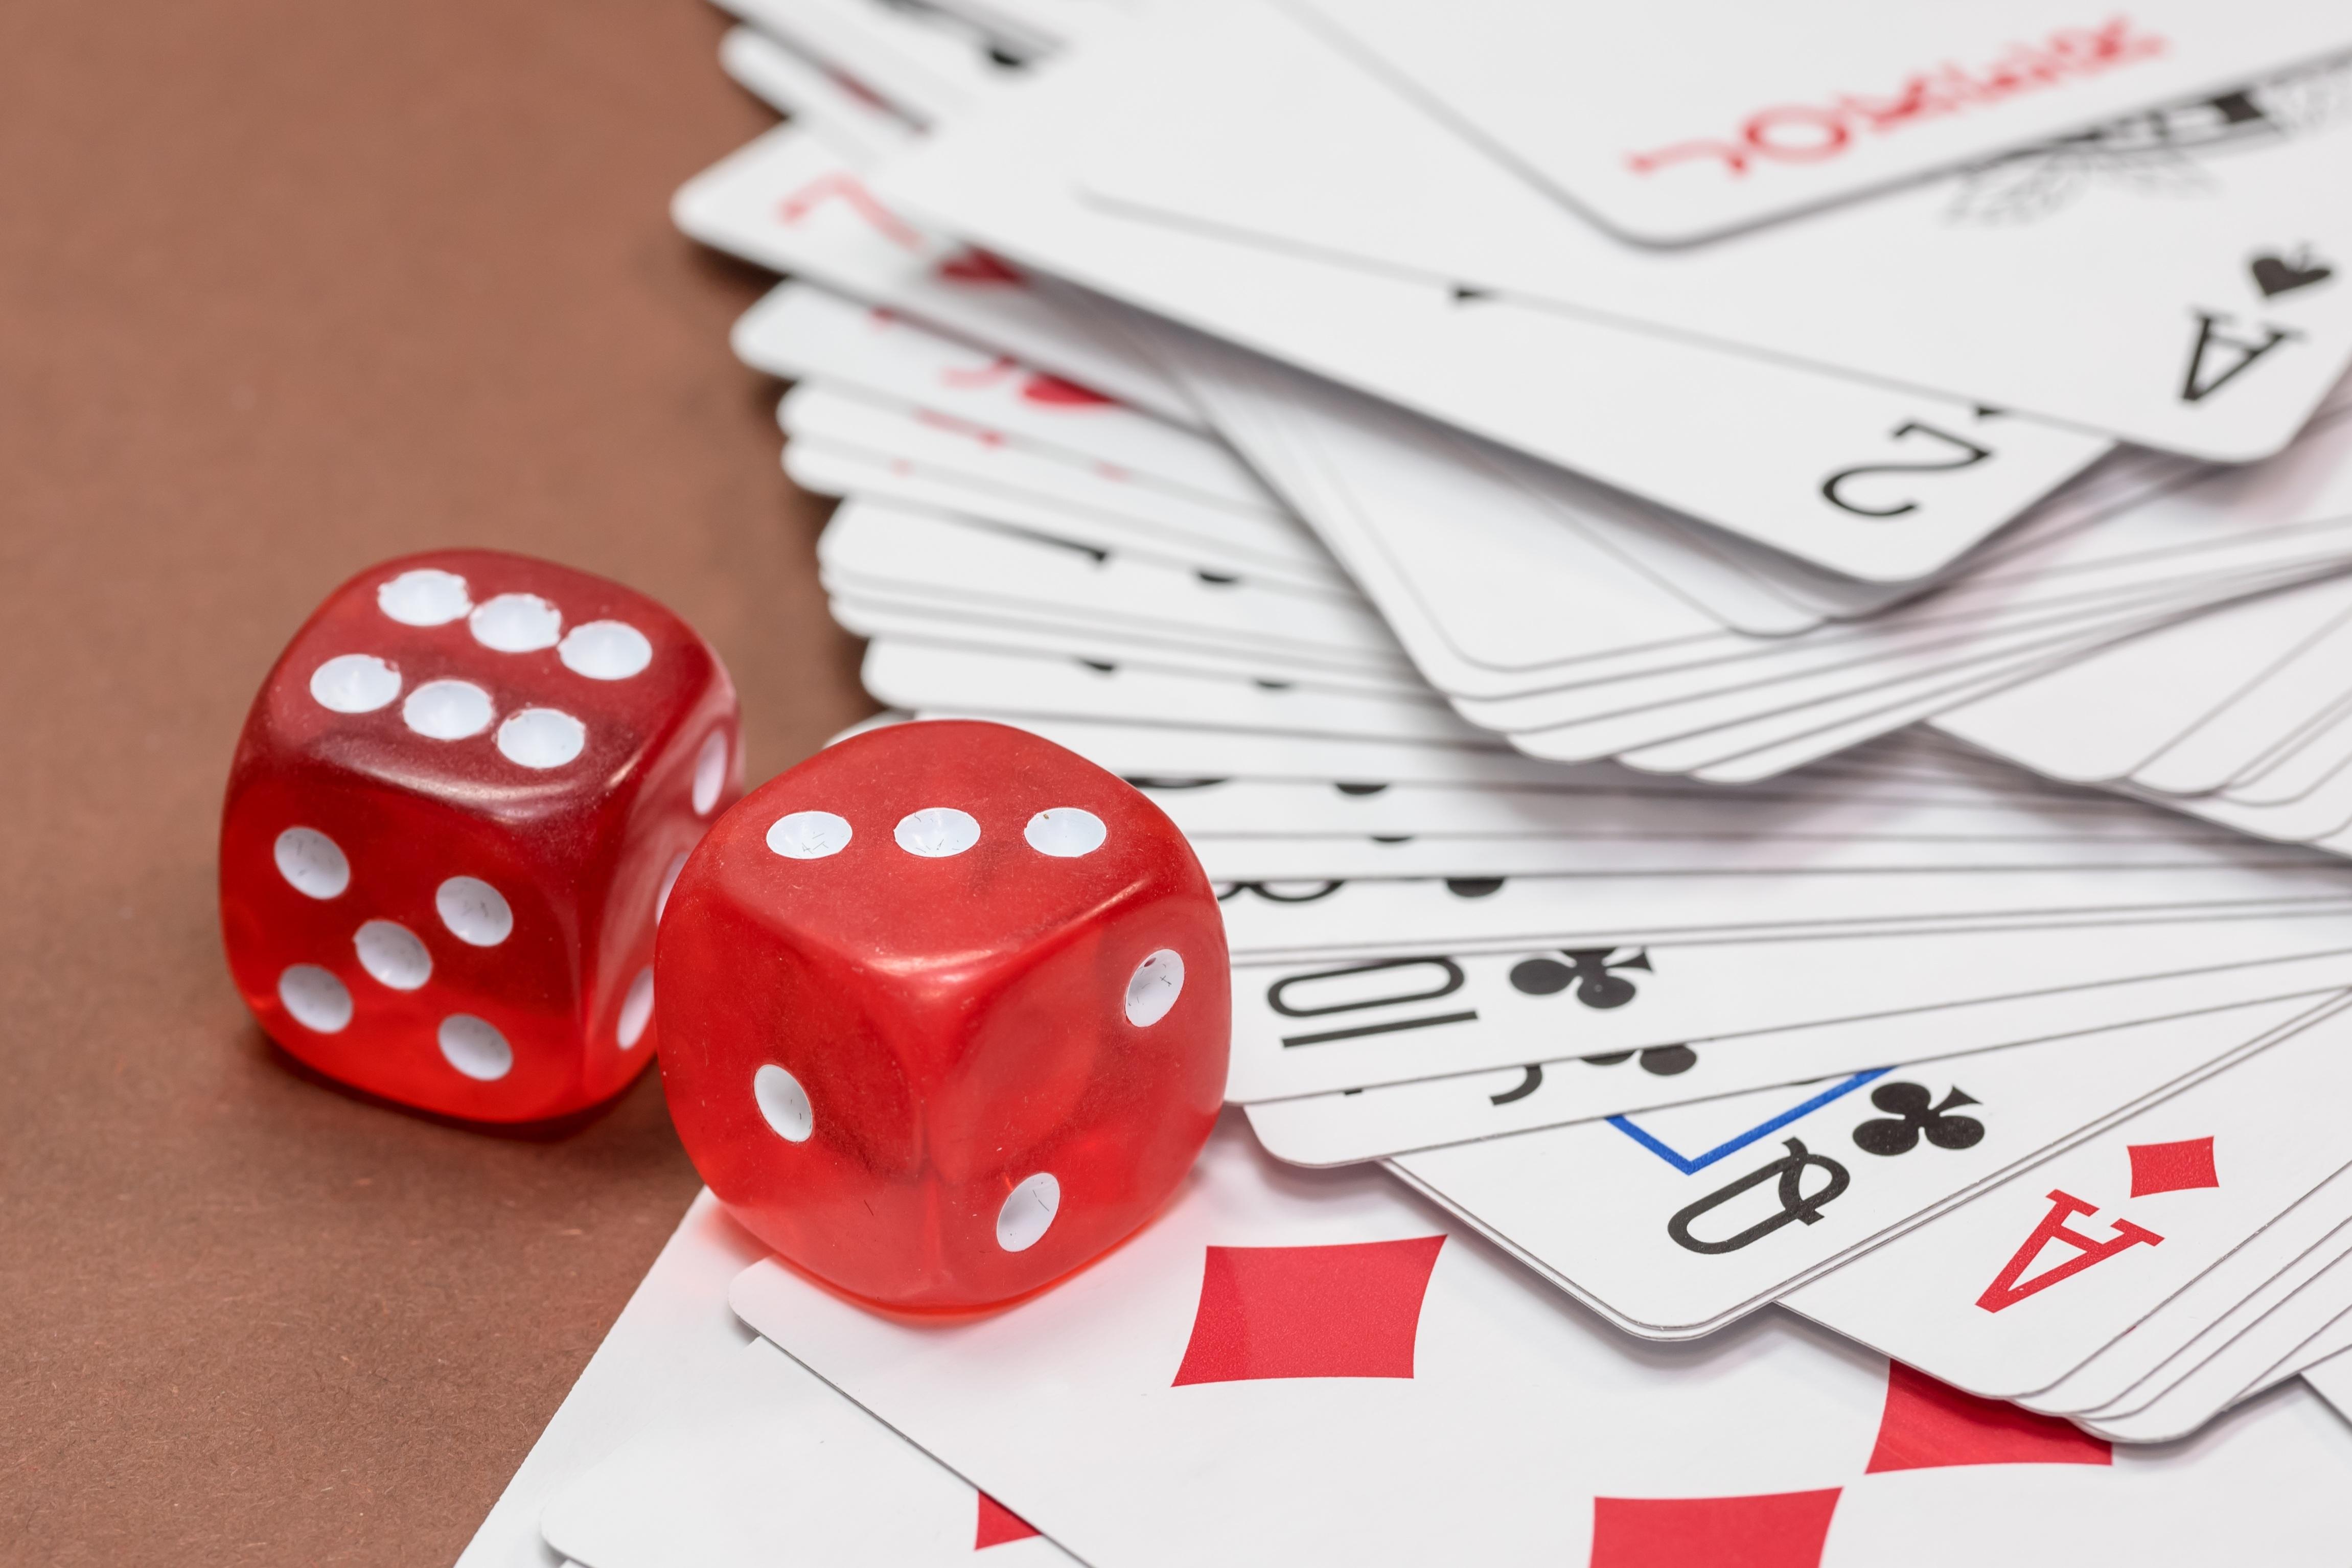 Free pai gow poker